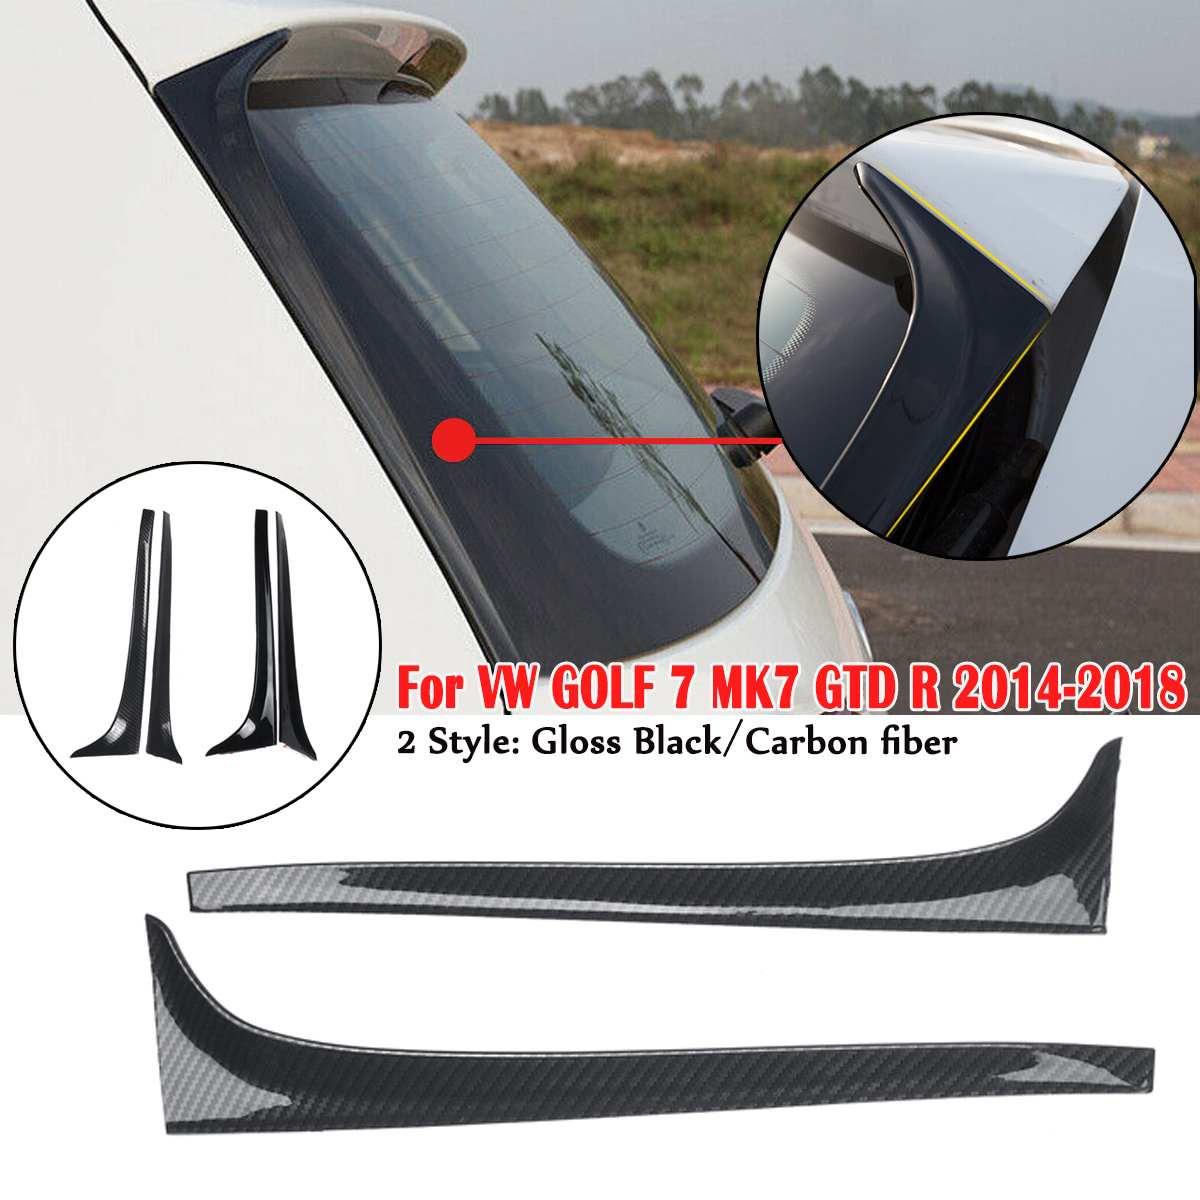 سبويلر جانبي للنوافذ الخلفية من ألياف الكربون لـ VW GOLF 7 MK7 GTD R 2014-2018 اكسسوارات السيارات التصميم